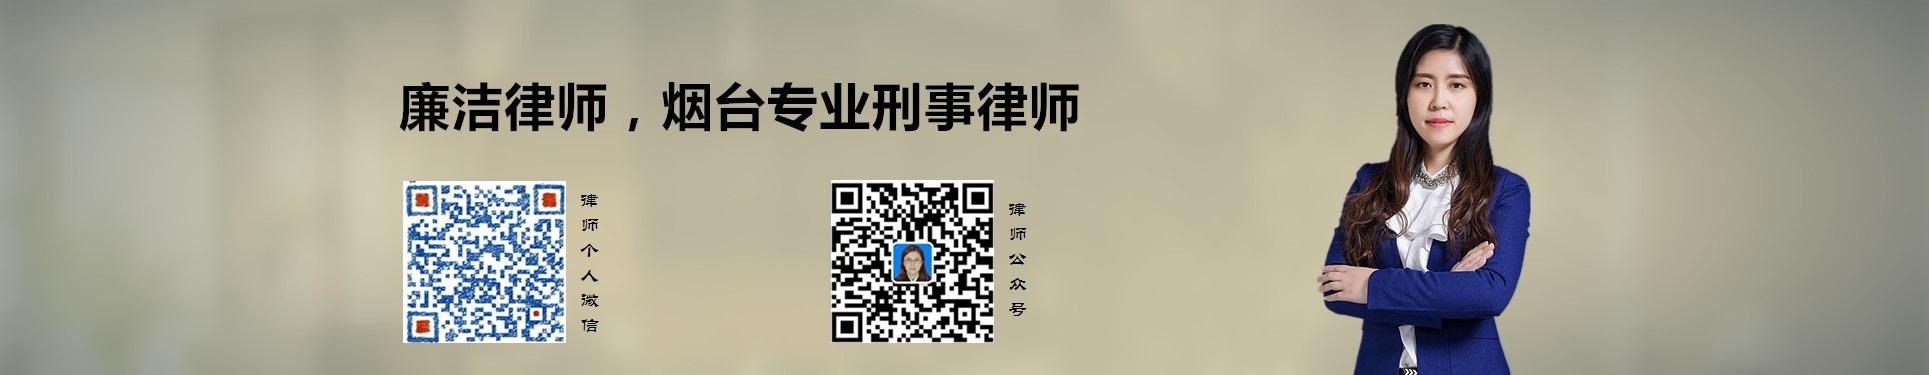 烟台刑事律师大图二